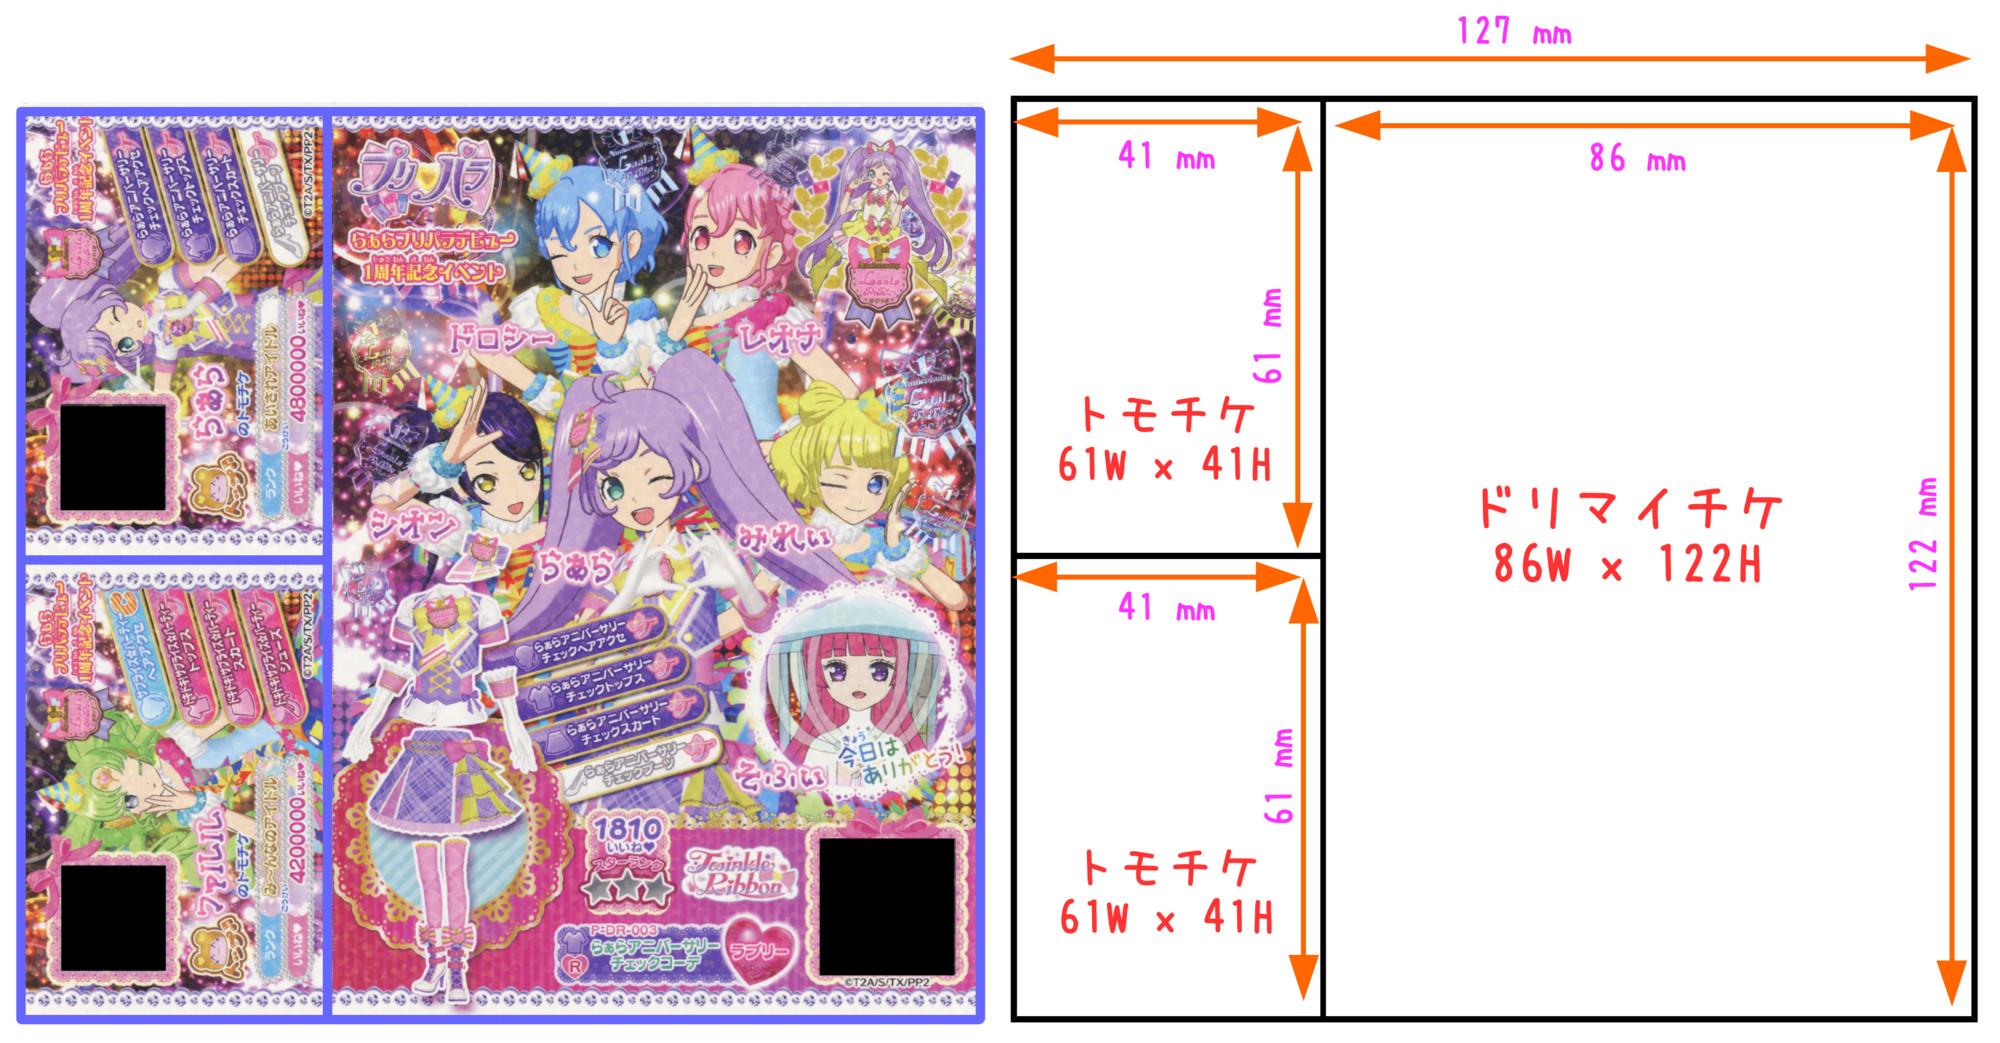 f:id:yukimi0721:20150804234637j:plain